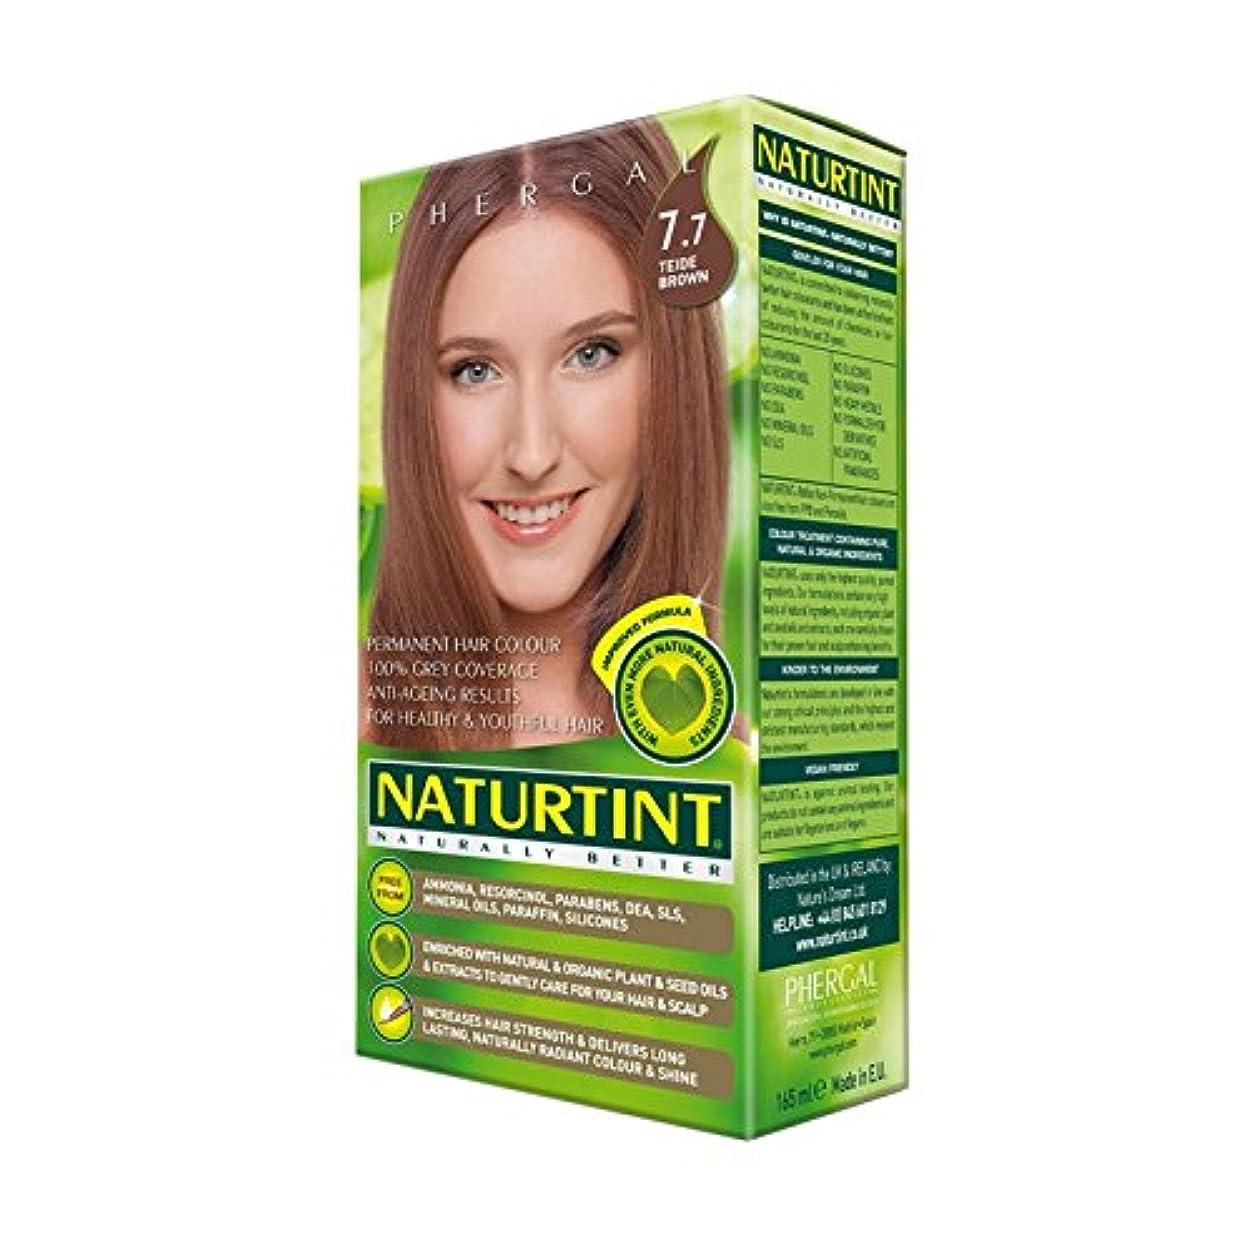 便益すぐに補助金Naturtintパーマネントヘアカラー7.7テイデ茶色 - Naturtint Permanent Hair Colour 7.7 Teide Brown (Naturtint) [並行輸入品]